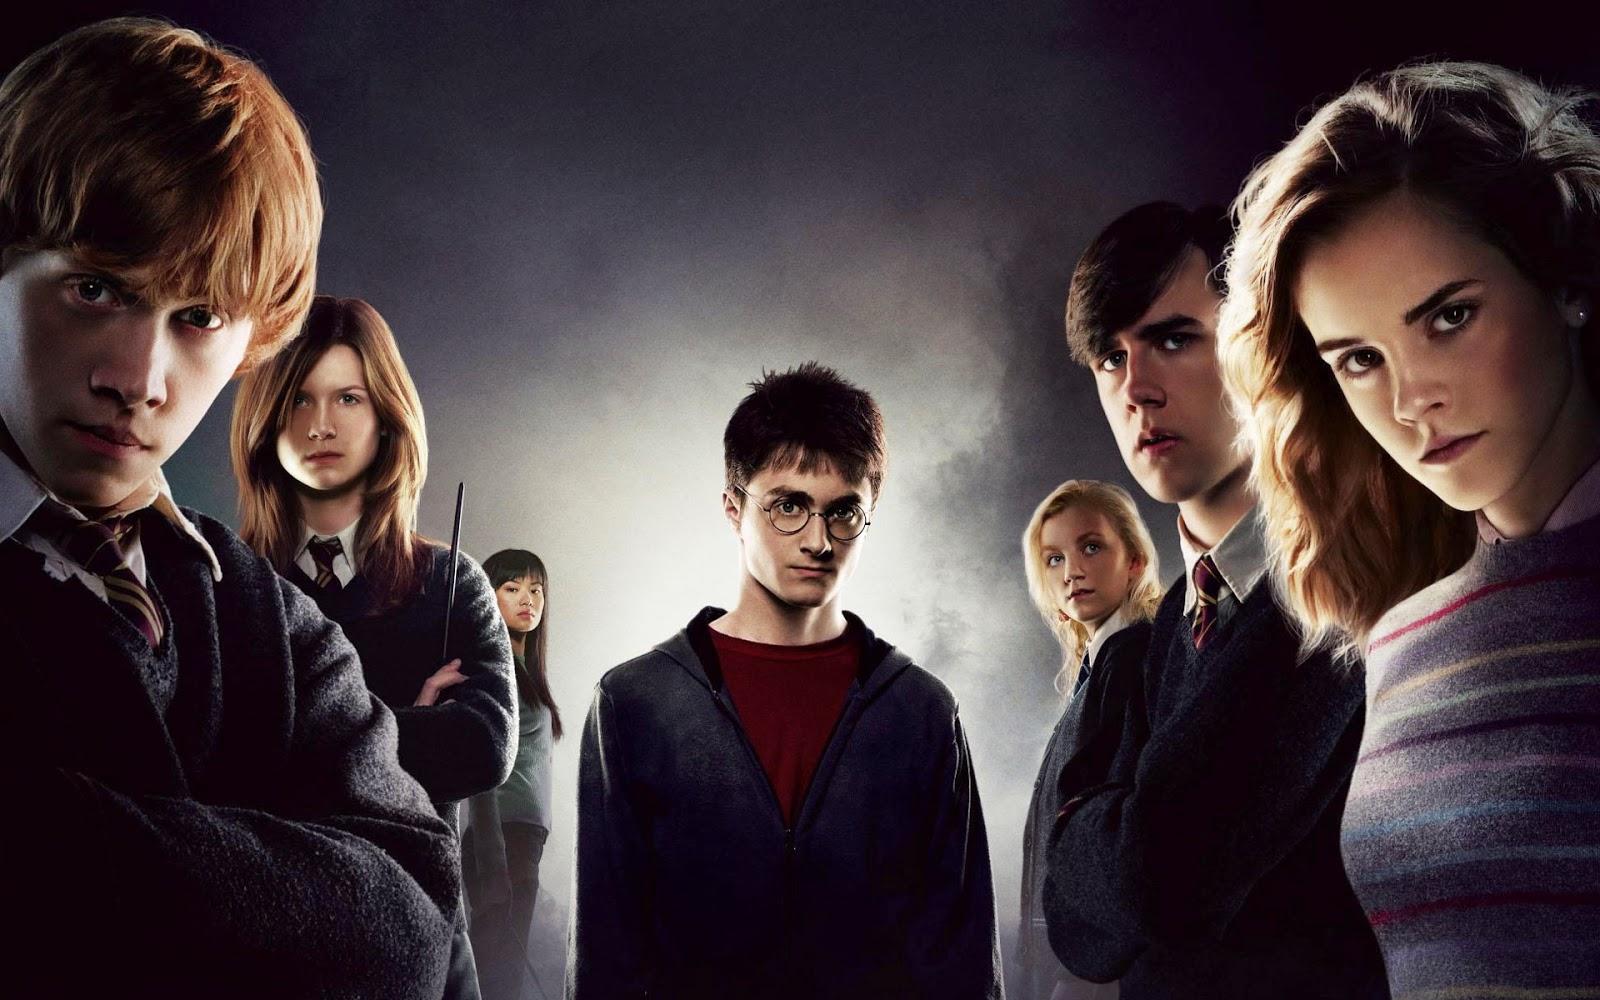 Warner Bros confirma que habrá tres películas más del universo Harry Potter. MÁS CINE. Noticias. Making Of